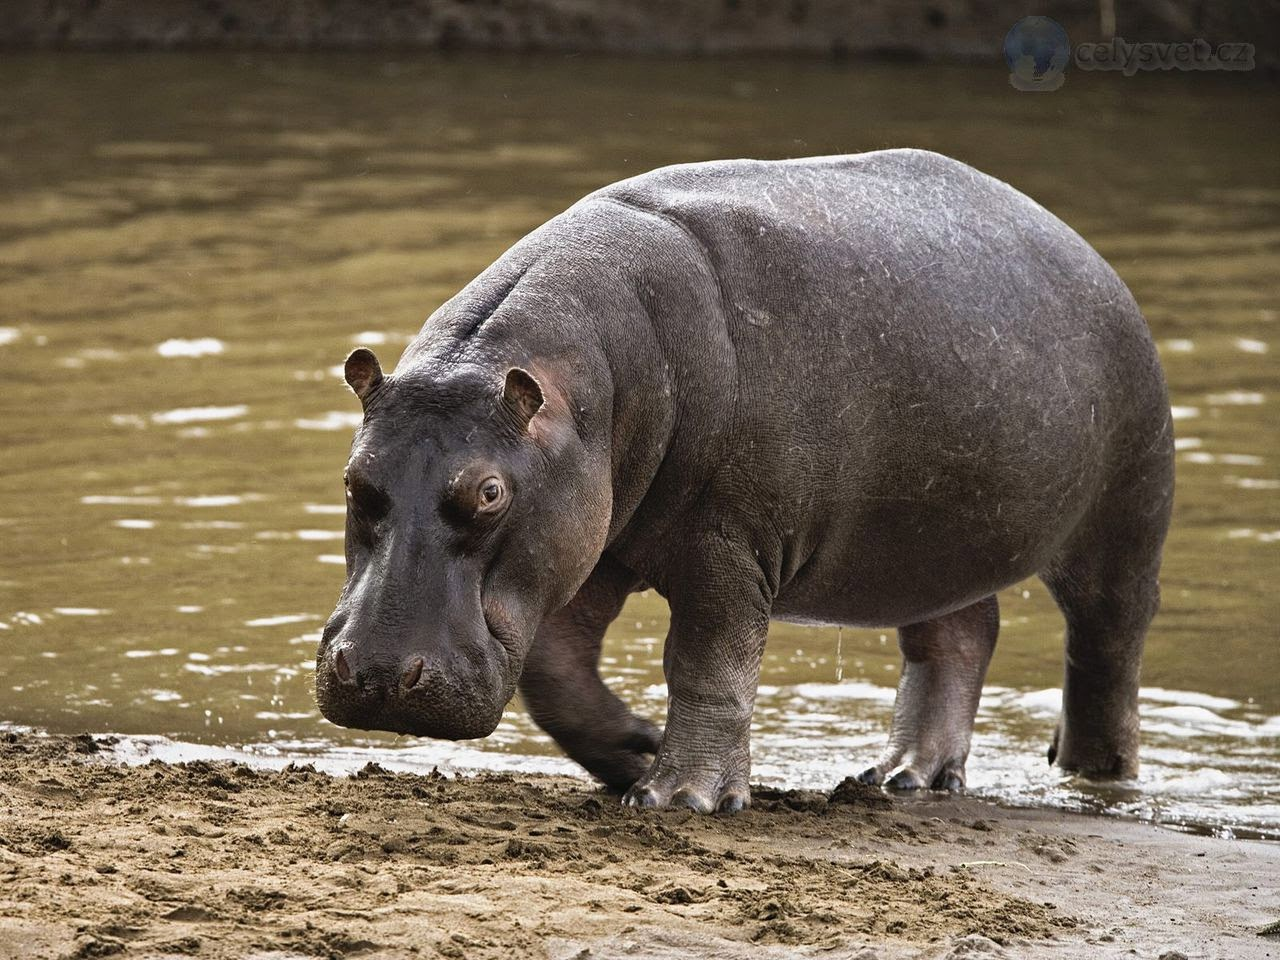 Питаются бегемоты в основном растительностью, которая произрастает по берегам водоемов